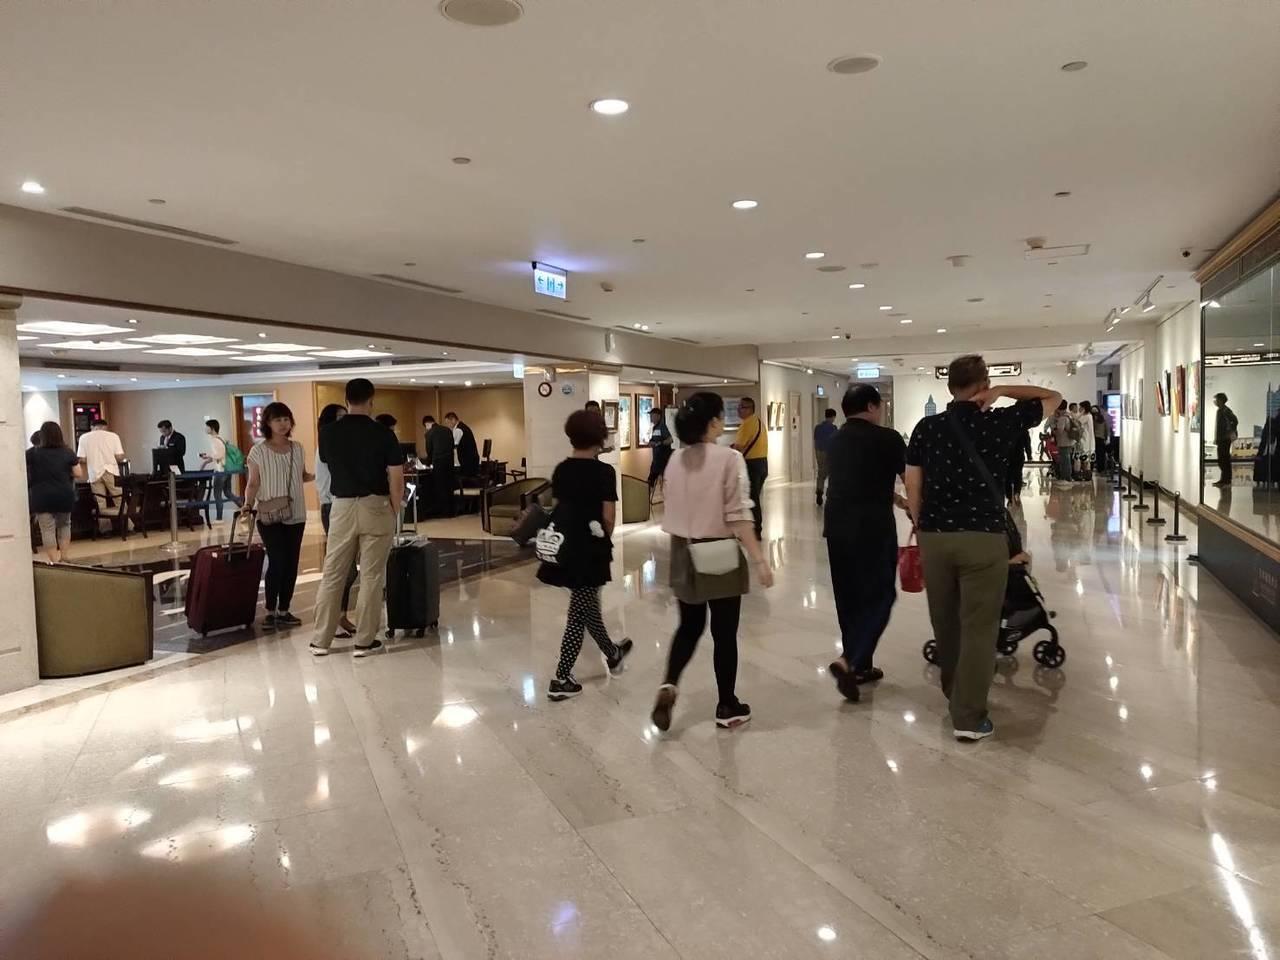 君鴻傳歇業 高市府發聲明會協助保障消費者及勞工權益